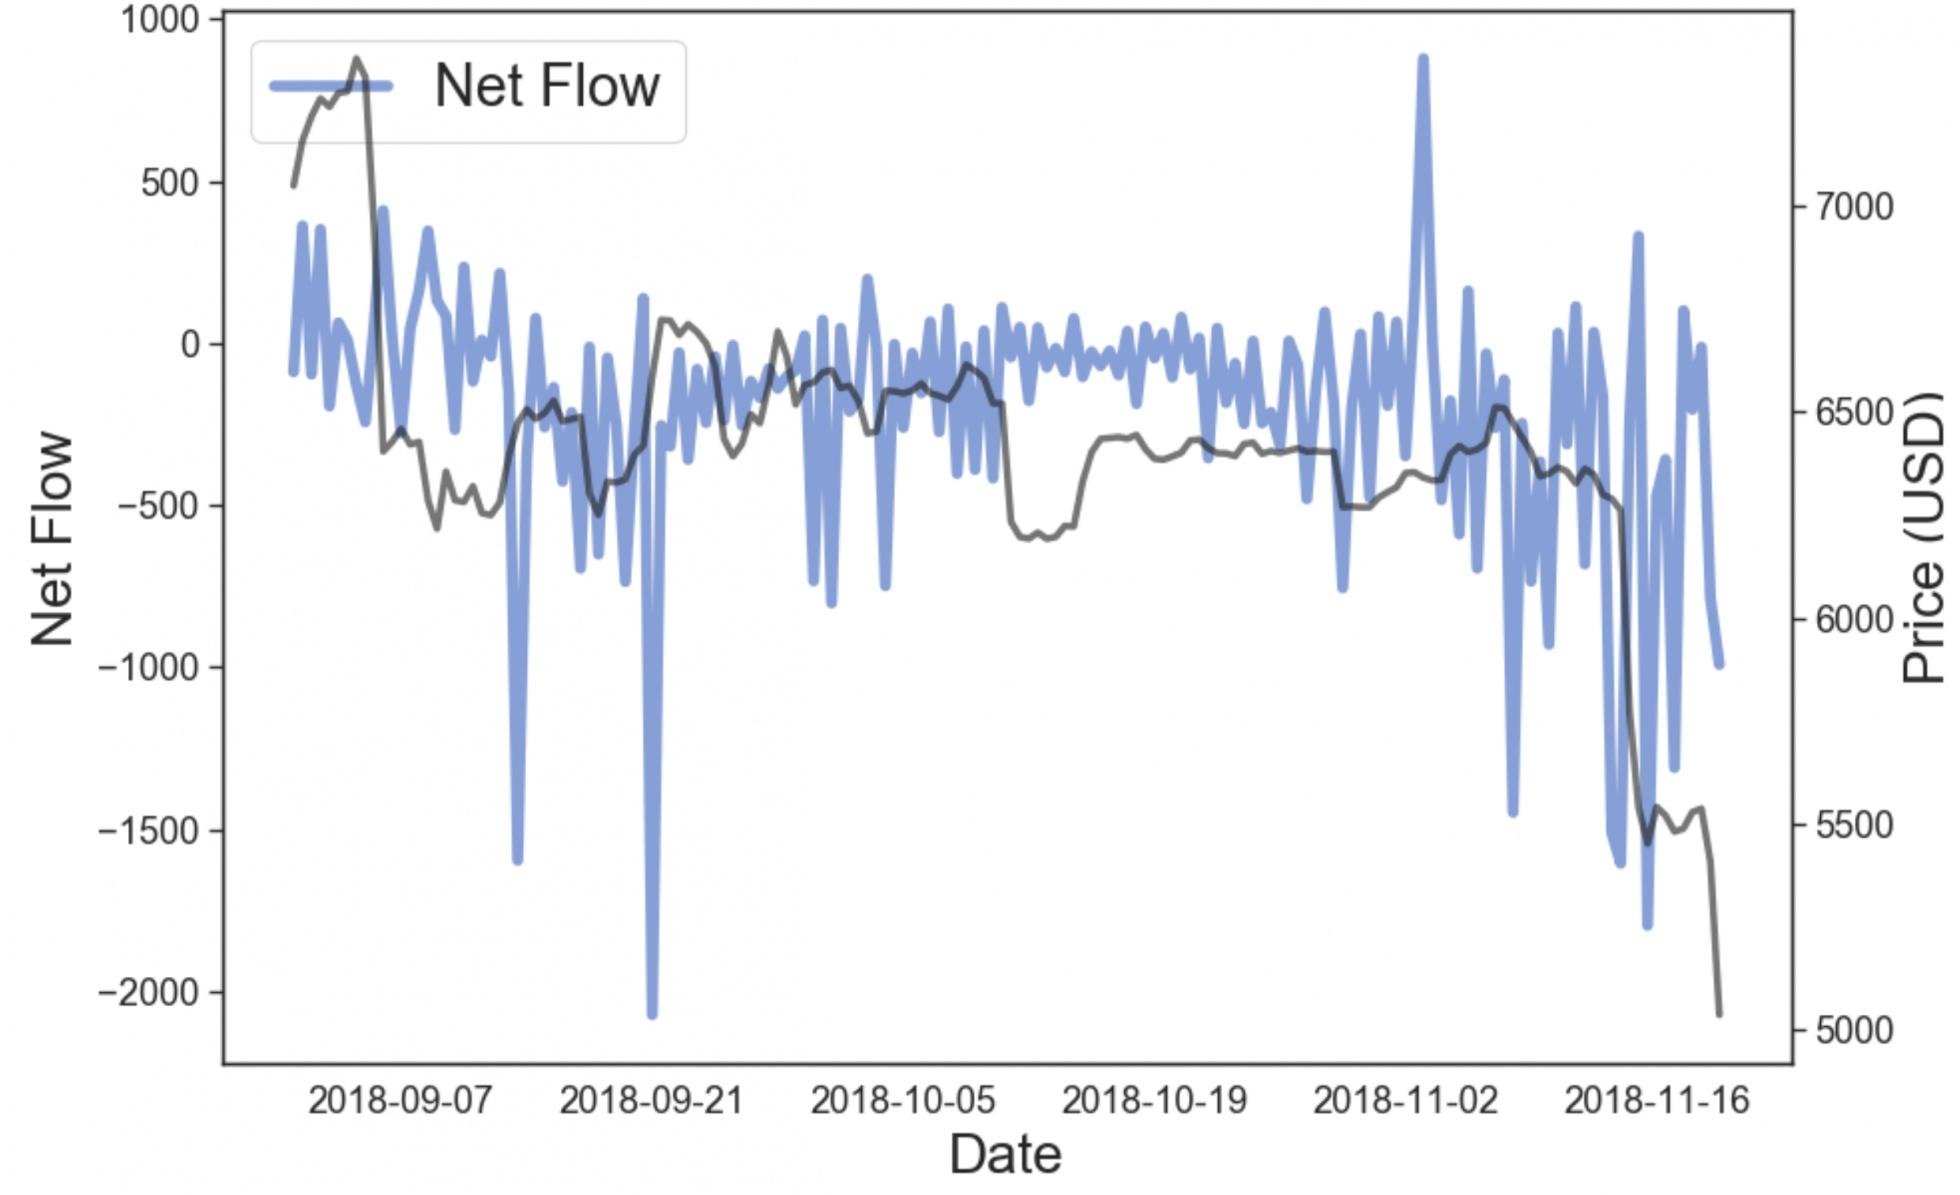 比特币矿工BTC净流量。来源:Boltzmann,12小时累计流量